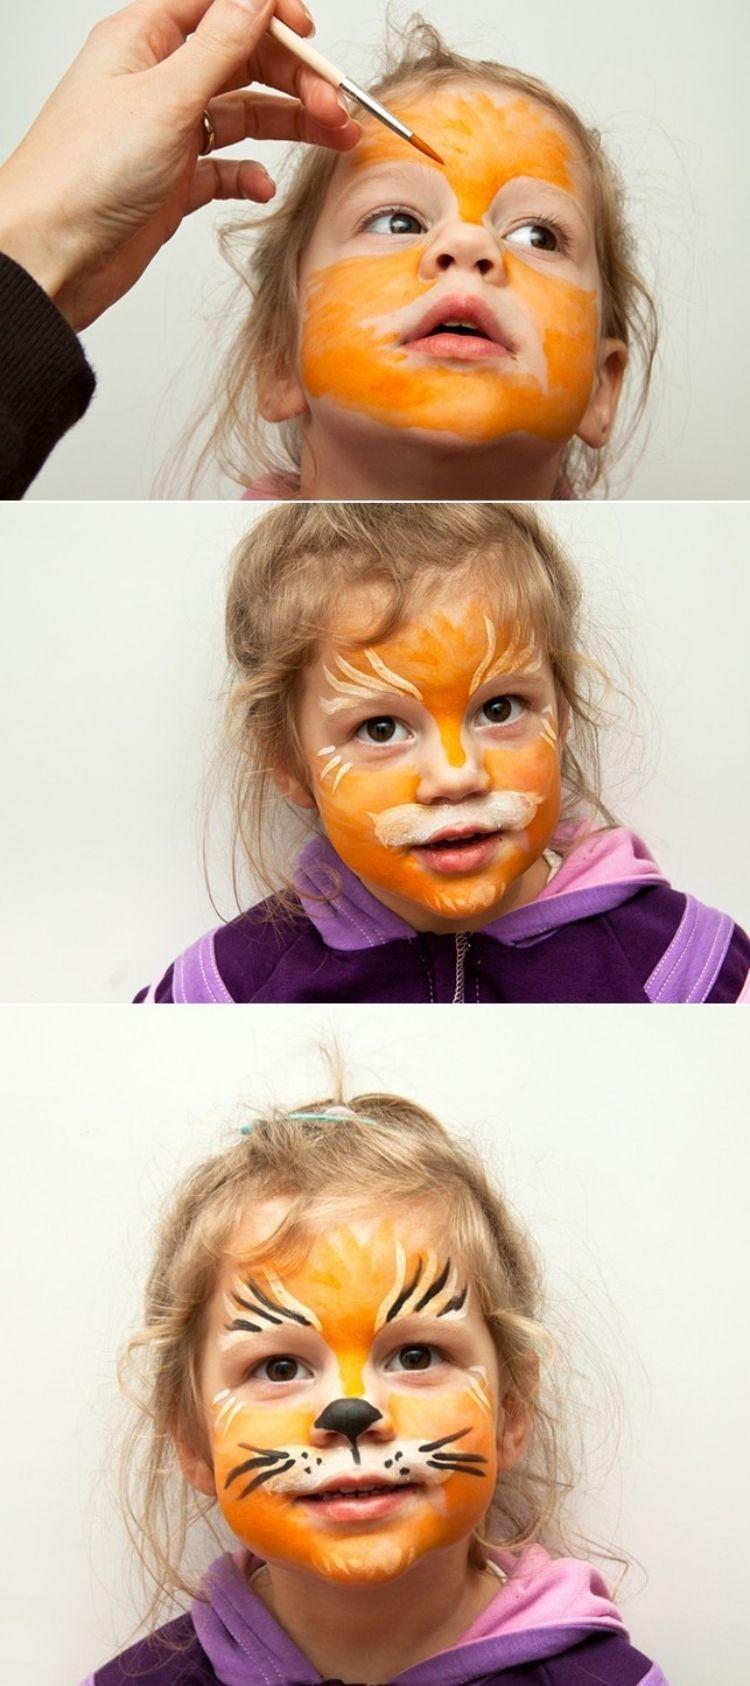 Maquillage Halloween 48 Photos Et Instructions Faciles Pour Votre Fete Fille Make Maquillage Halloween Maquillage Enfant Facile Maquillage Halloween Enfant